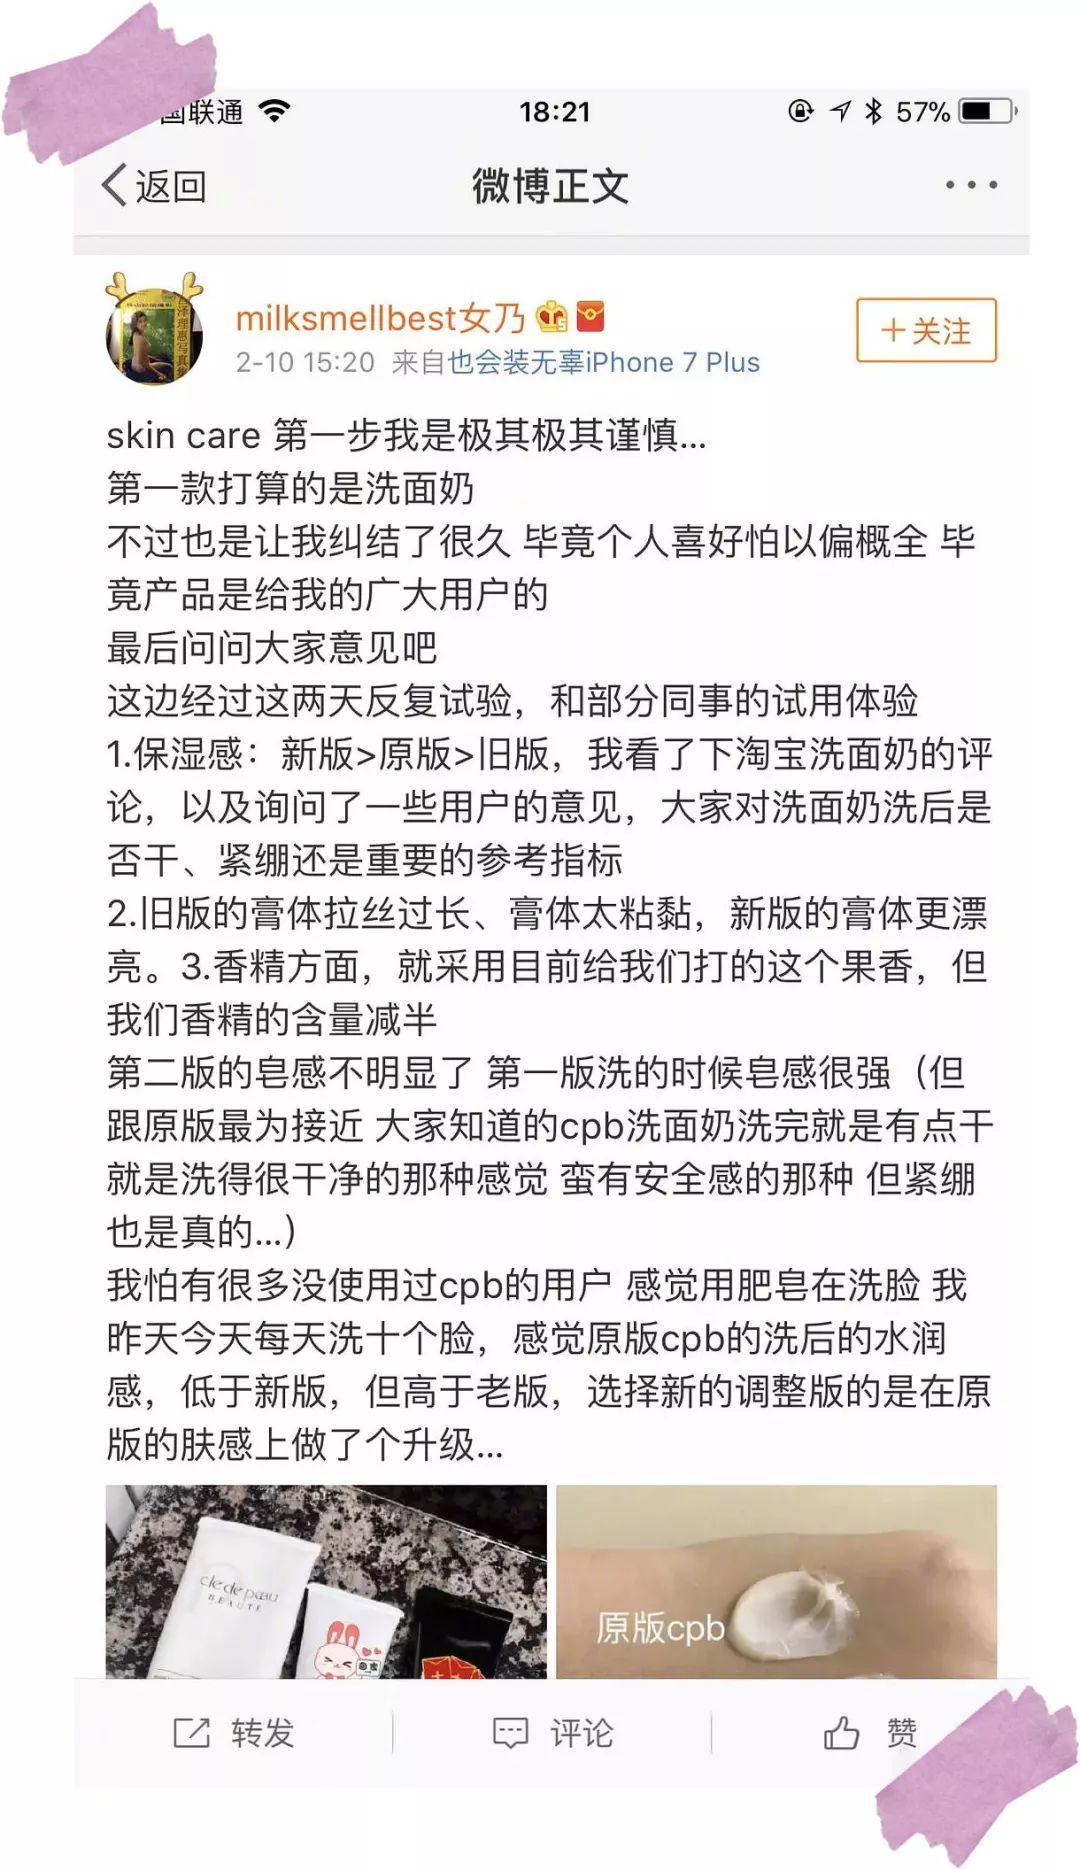 中国网红逆天啊,化妆品和护肤品了都能打版?!!CPB、ARMANI已上打版名单!